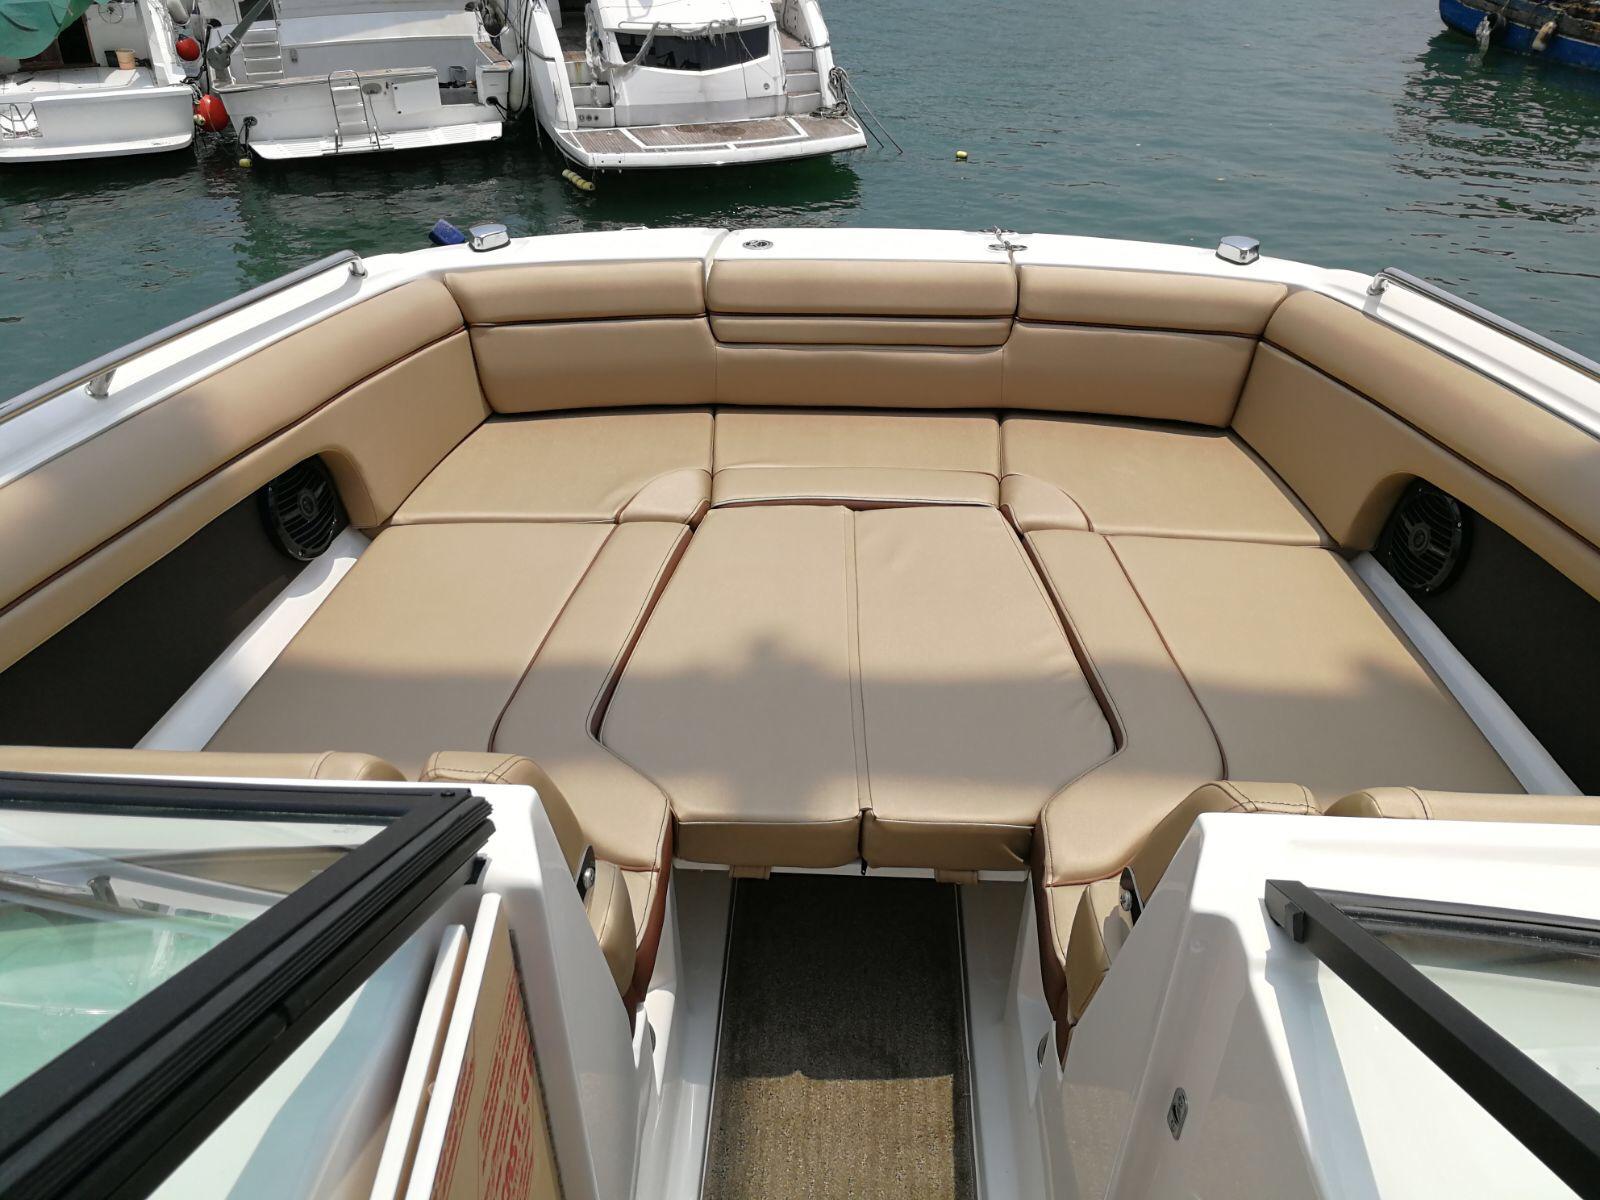 Boats & Yachts Ltd Hong Kong | Boats For Sale Hong Kong | Yachts For